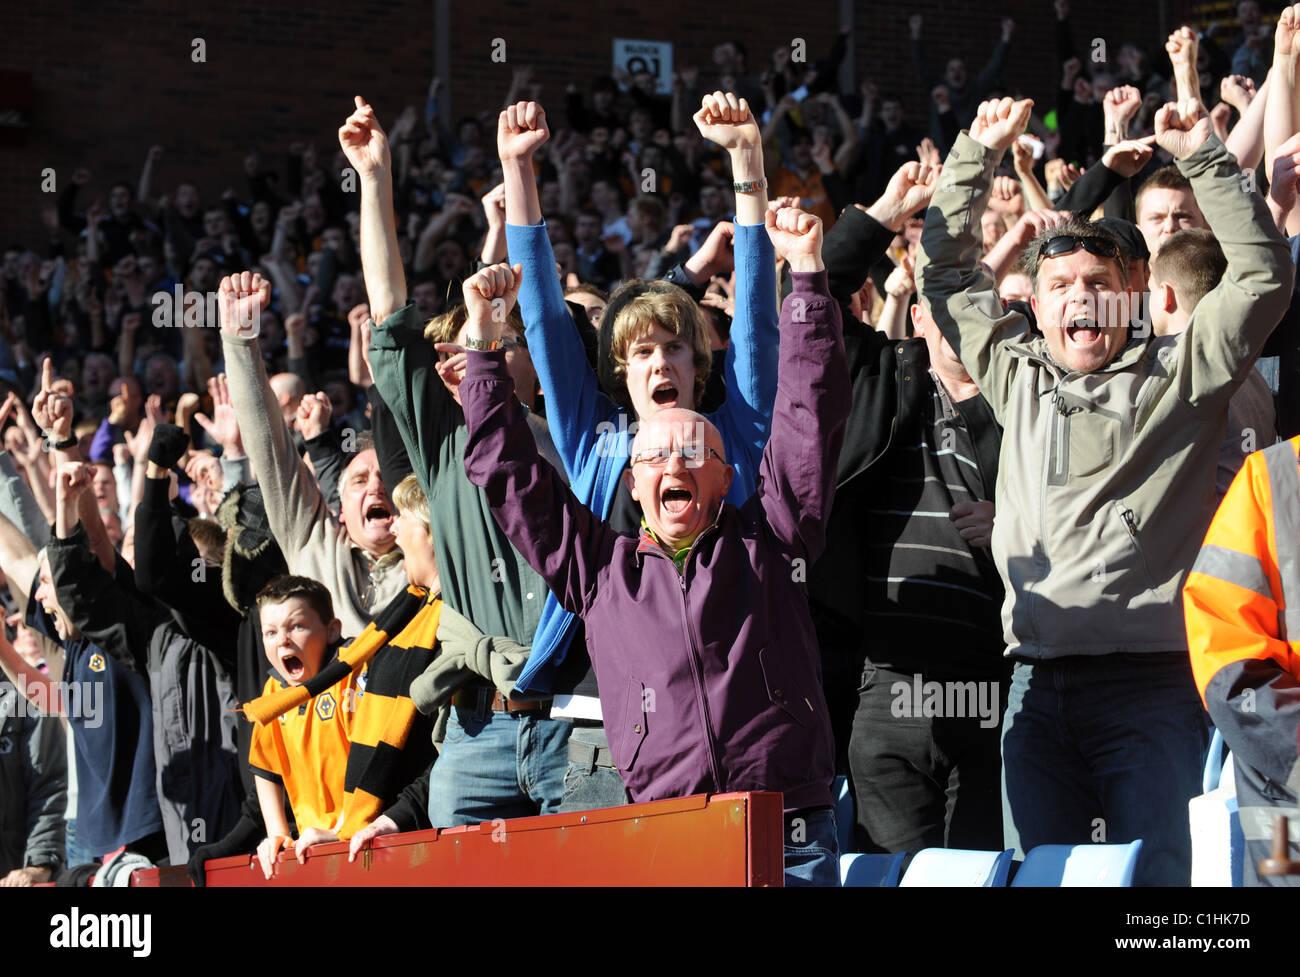 Fußball-Fans feiern ein Ziel Stockbild